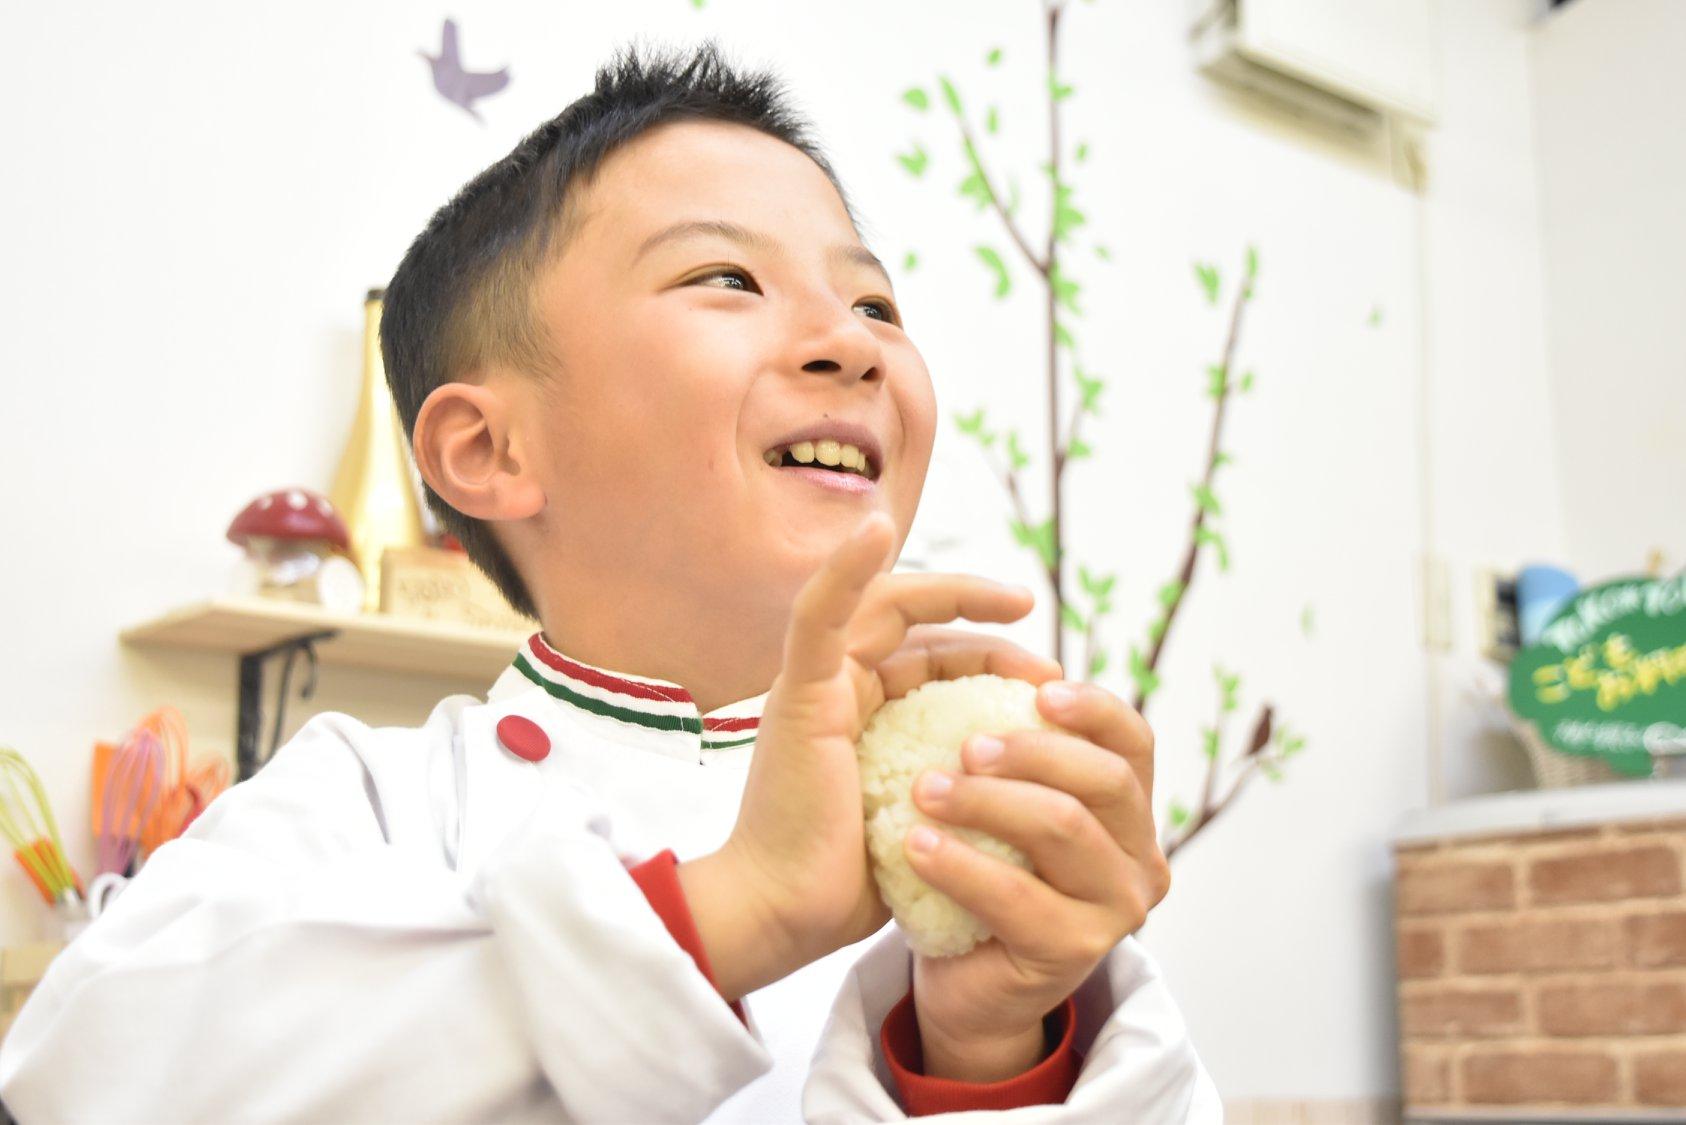 【新講座決定】「子どもと食」を意識したら知っておきたいお話